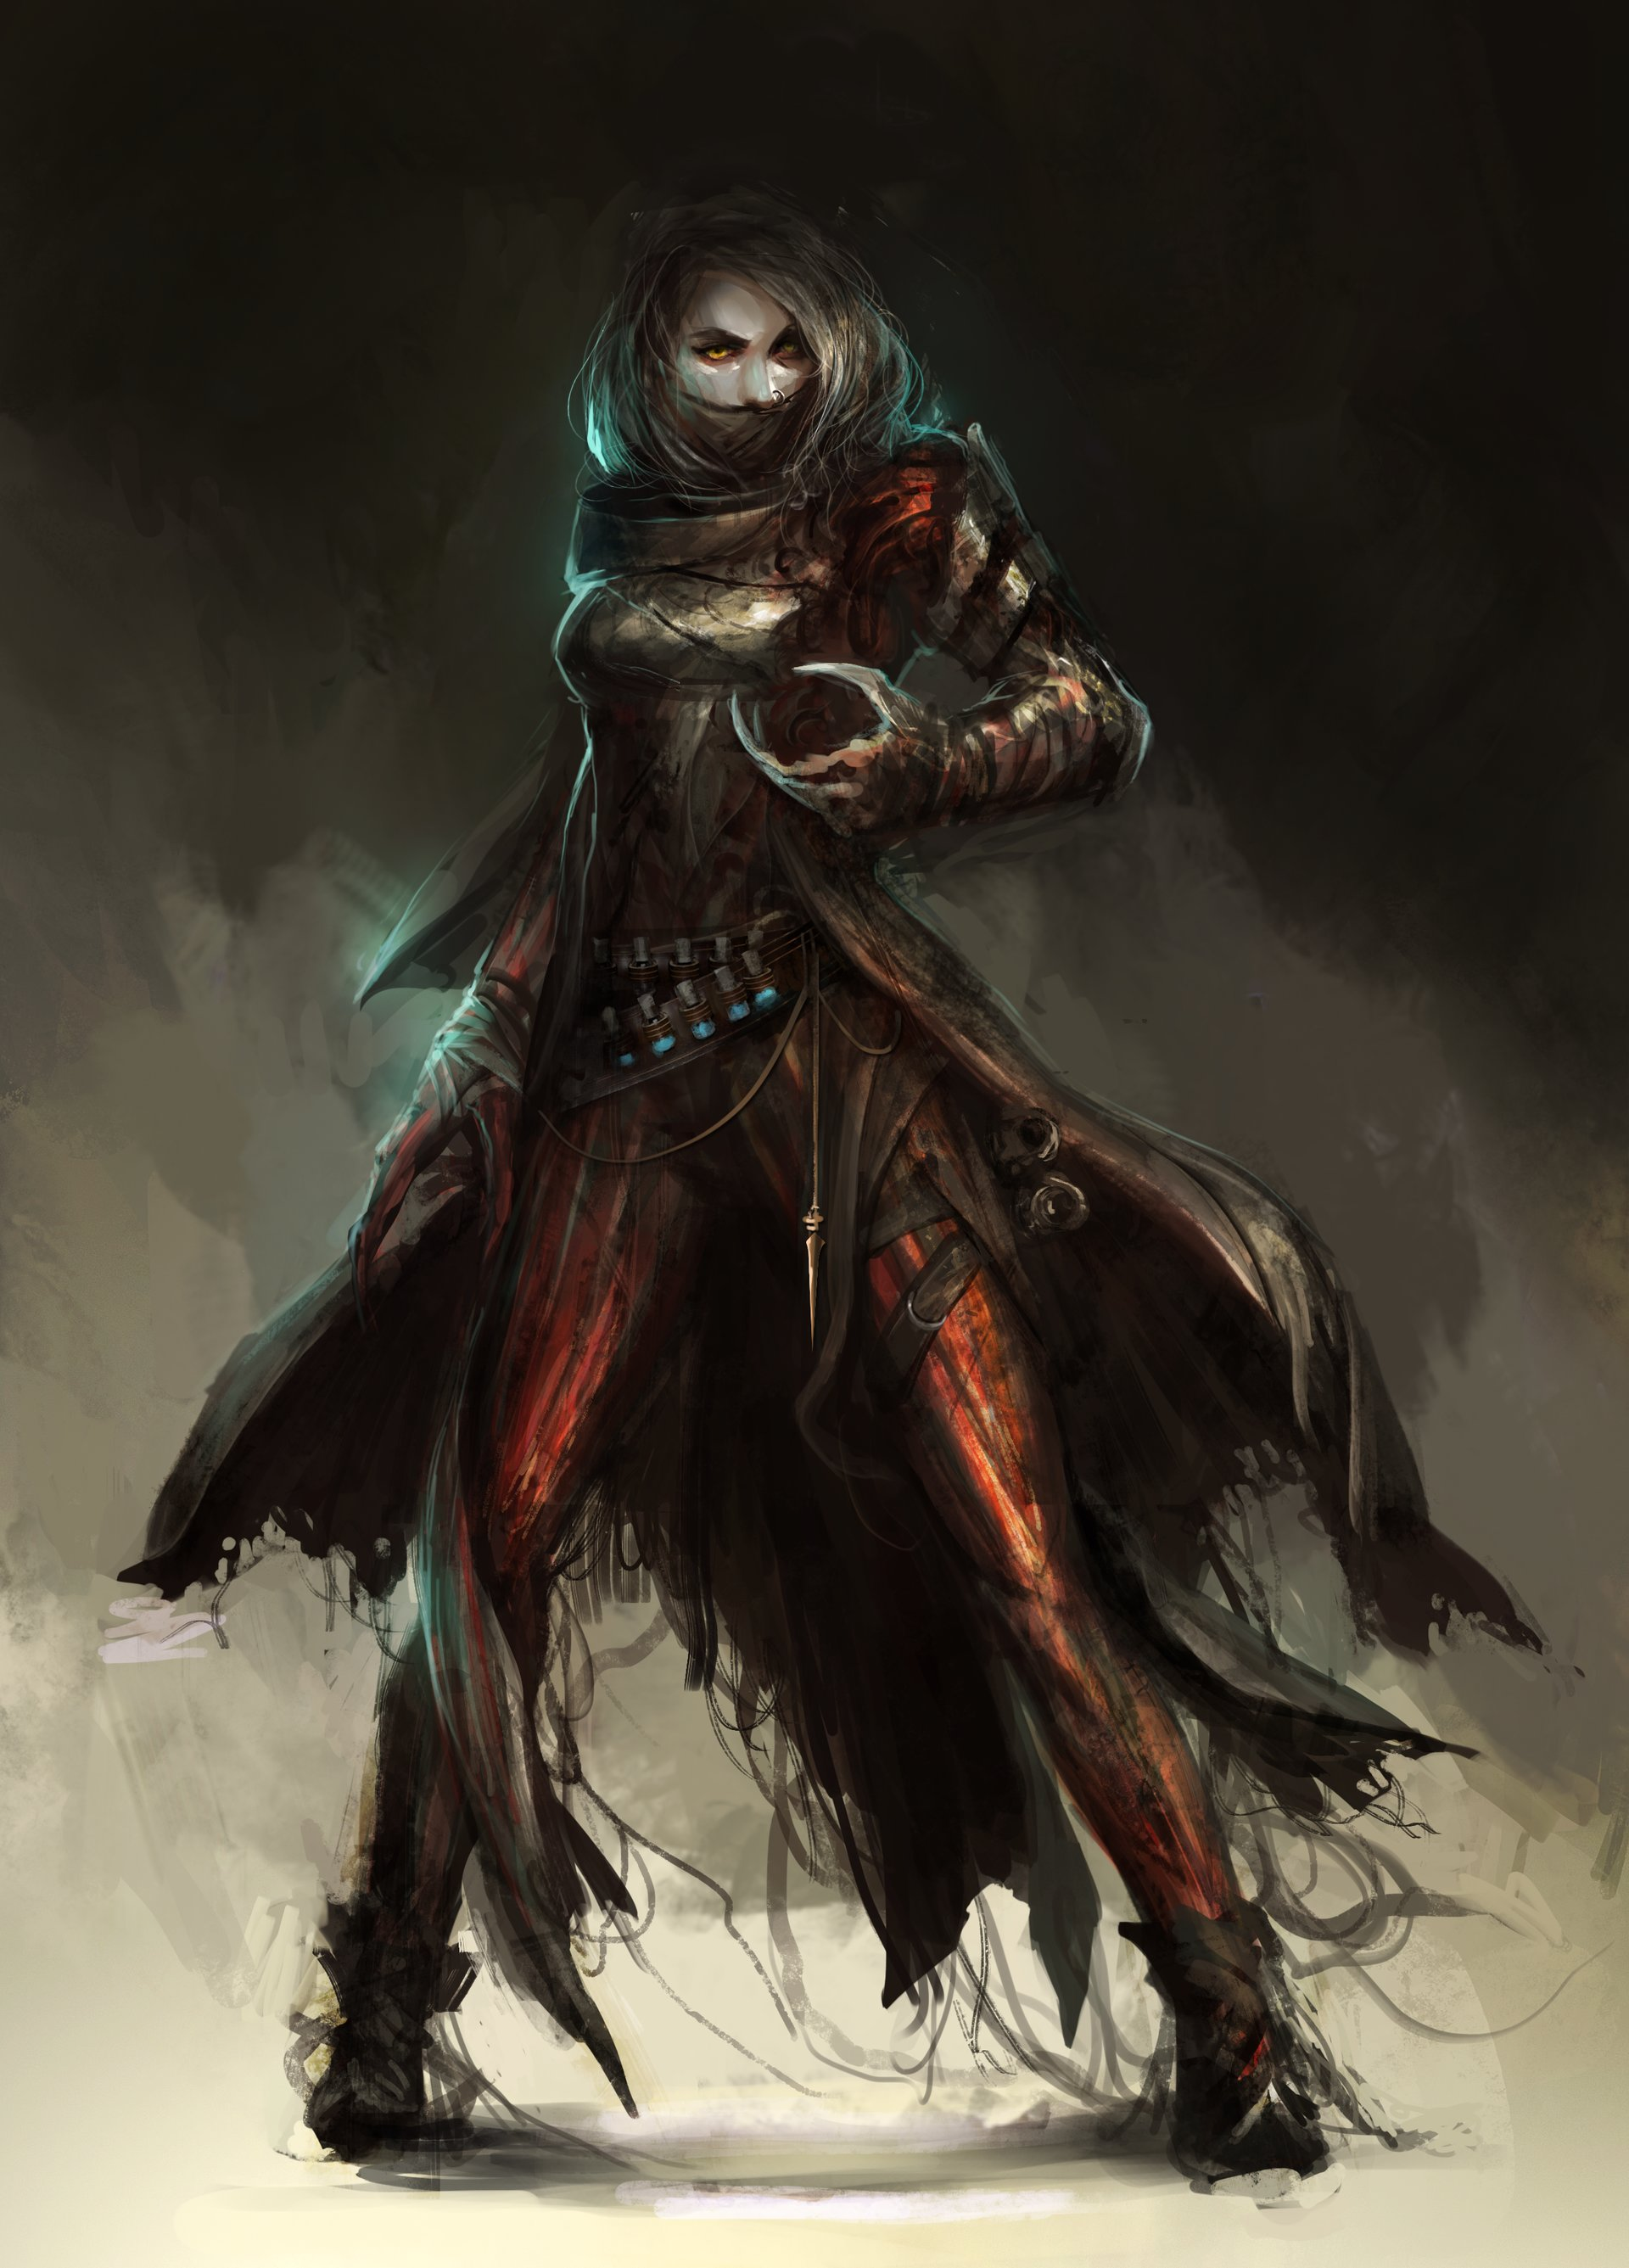 Concept art вампира в плаще и когтями, концепт арт от daniel kamarudin